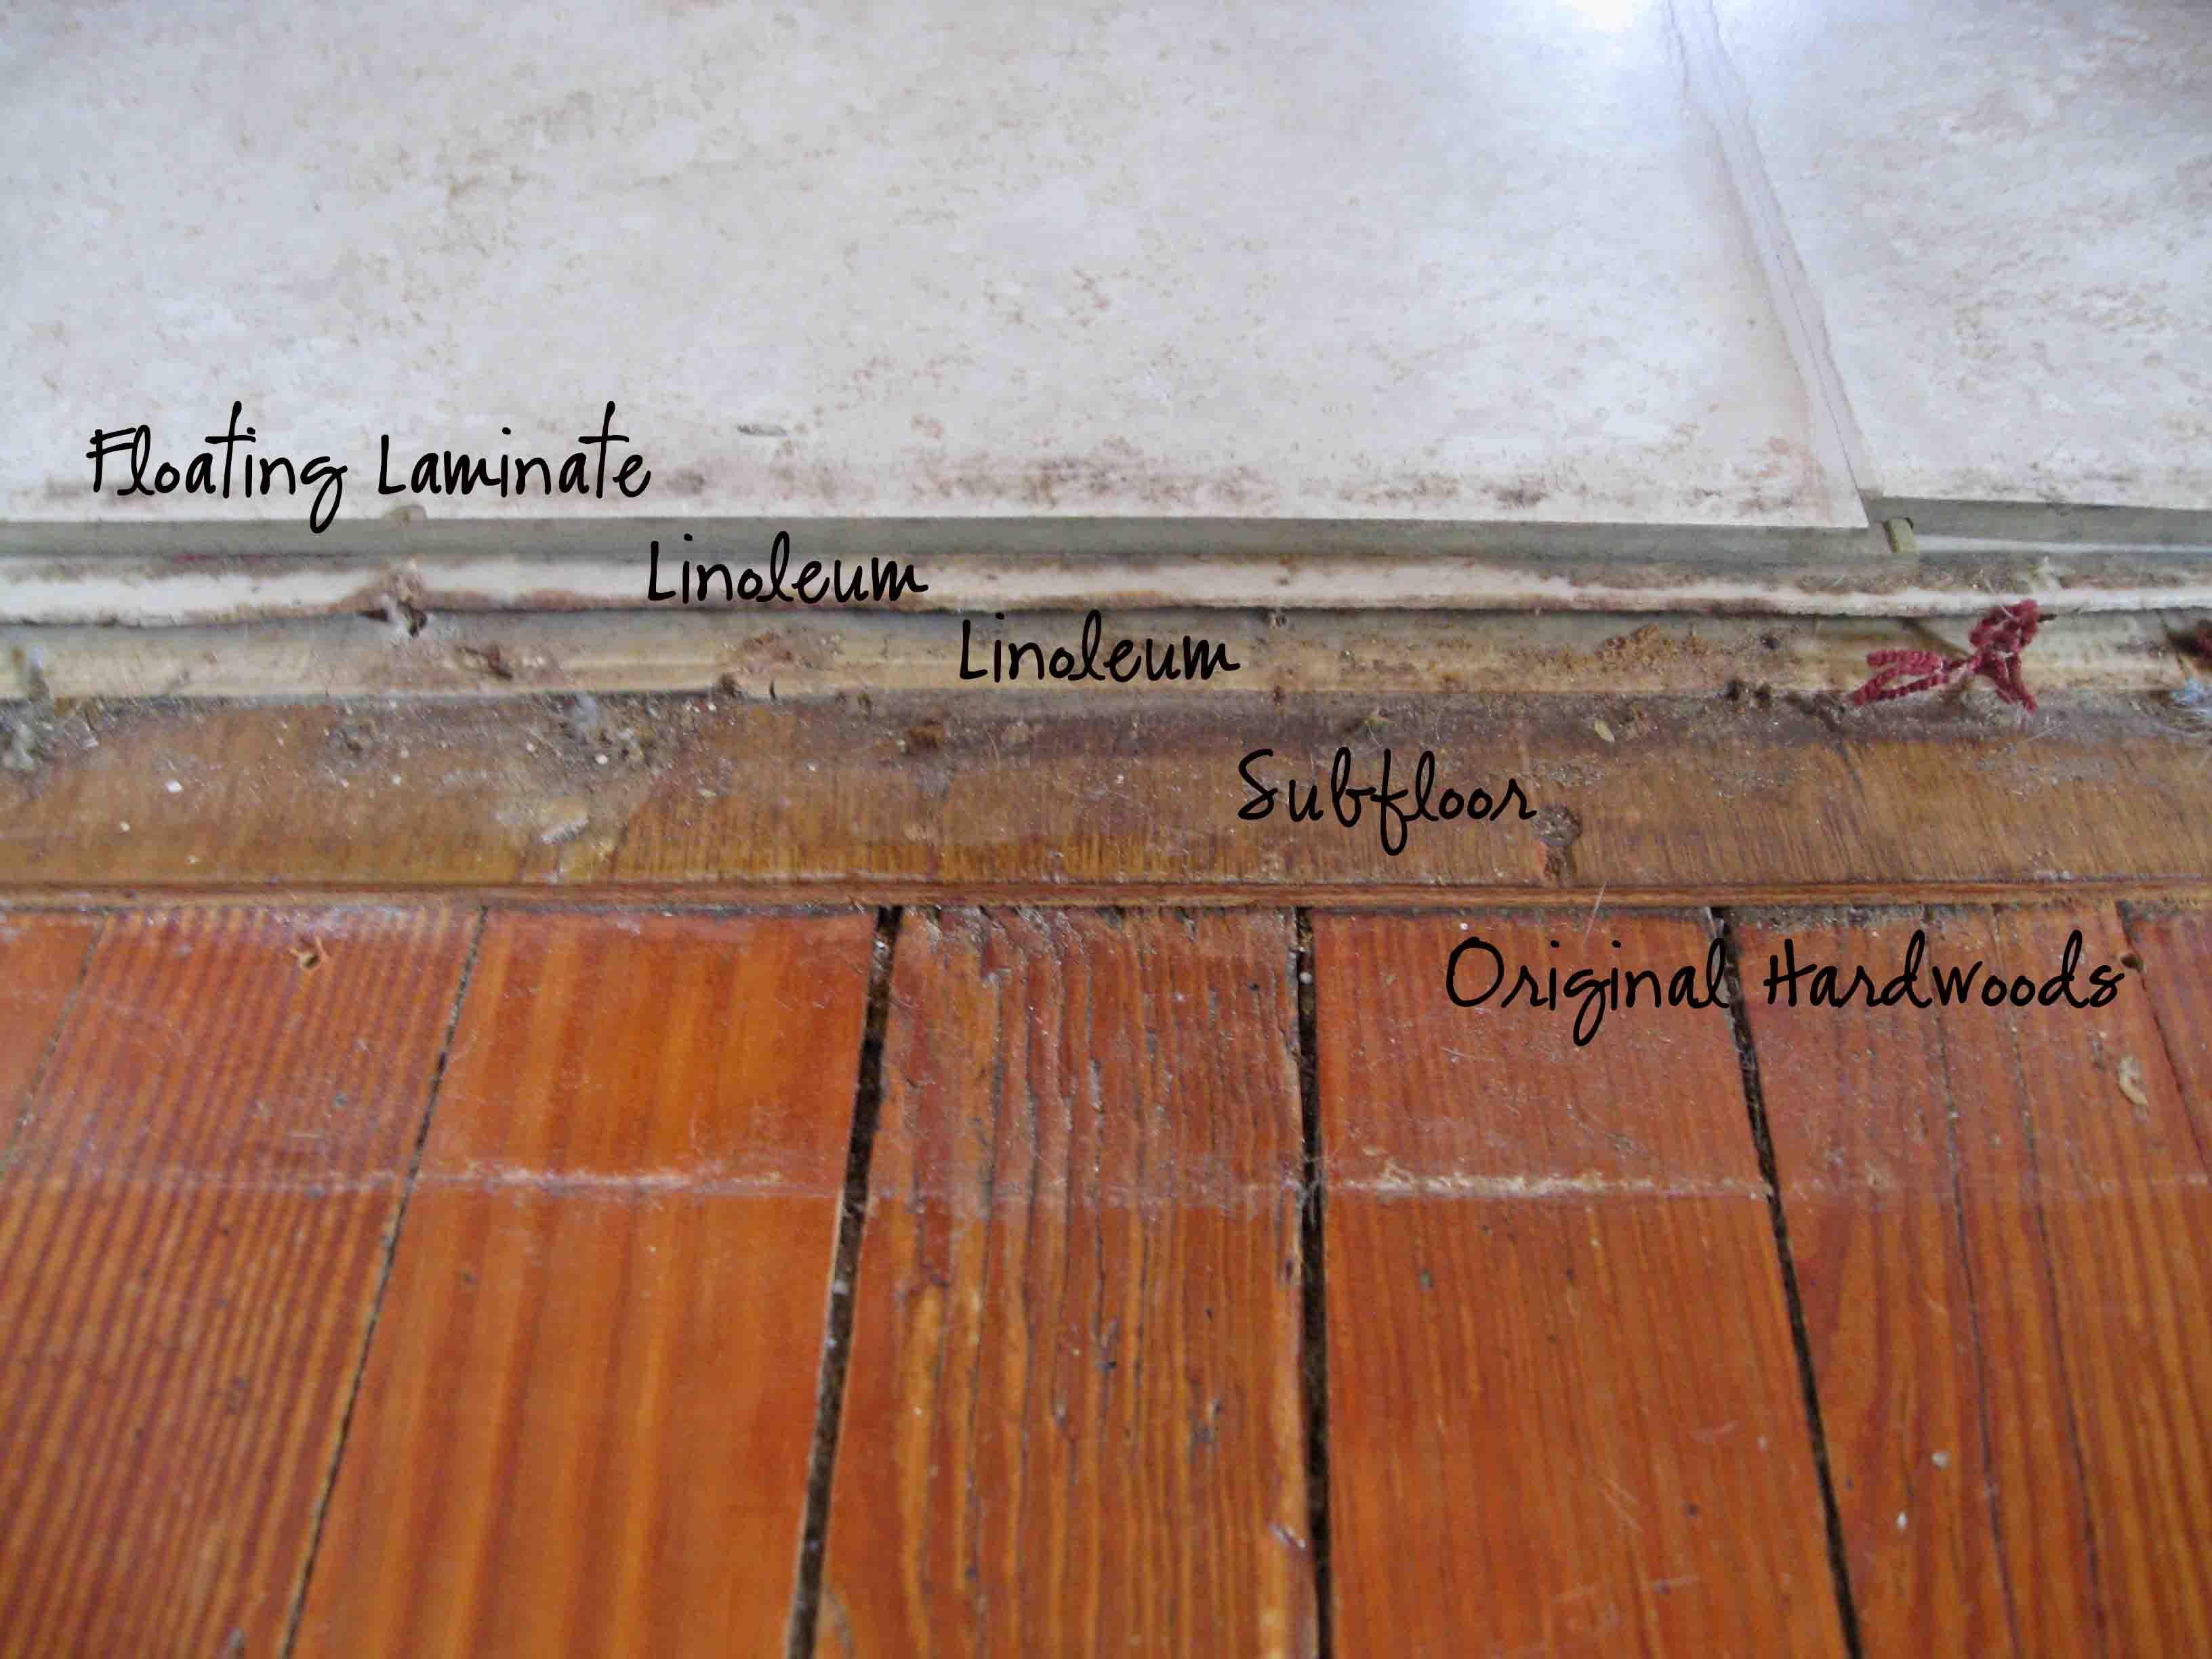 Linoleum Flooring Types Of Linoleum Flooring - Is there asbestos in linoleum flooring